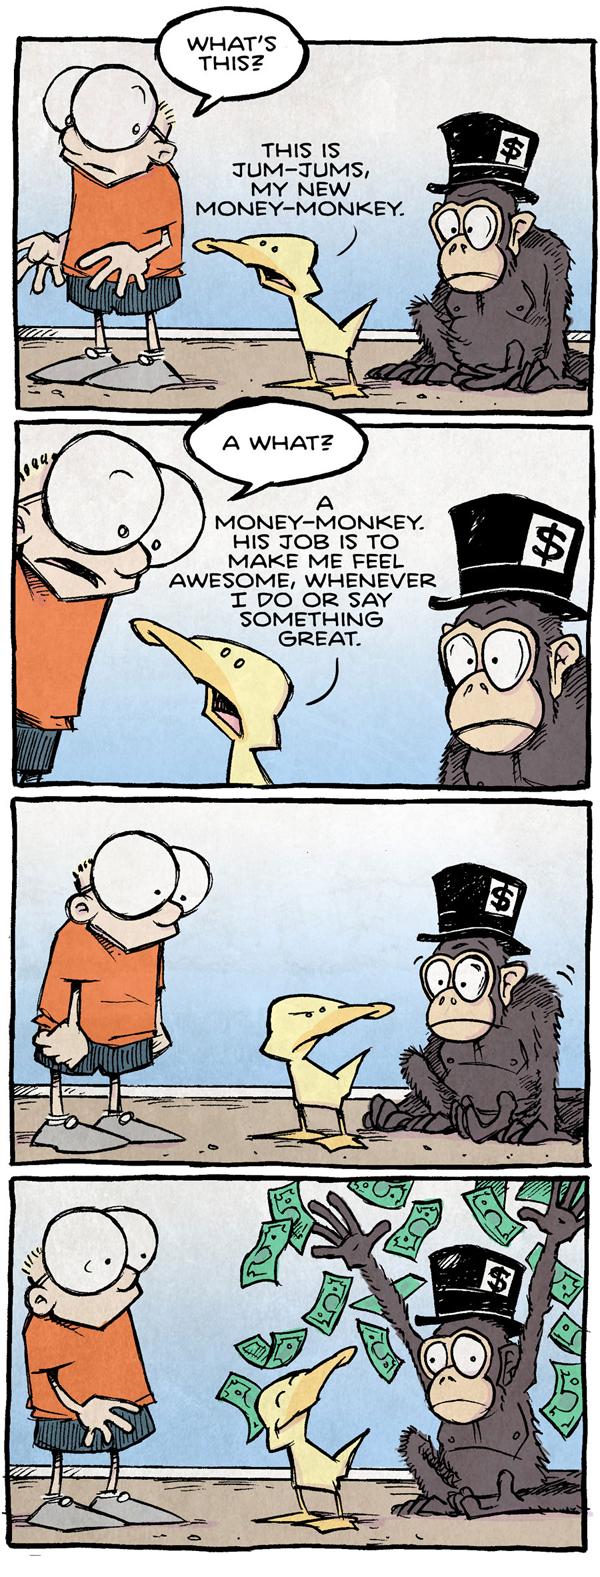 SOURCE: SHELDONCOMICS